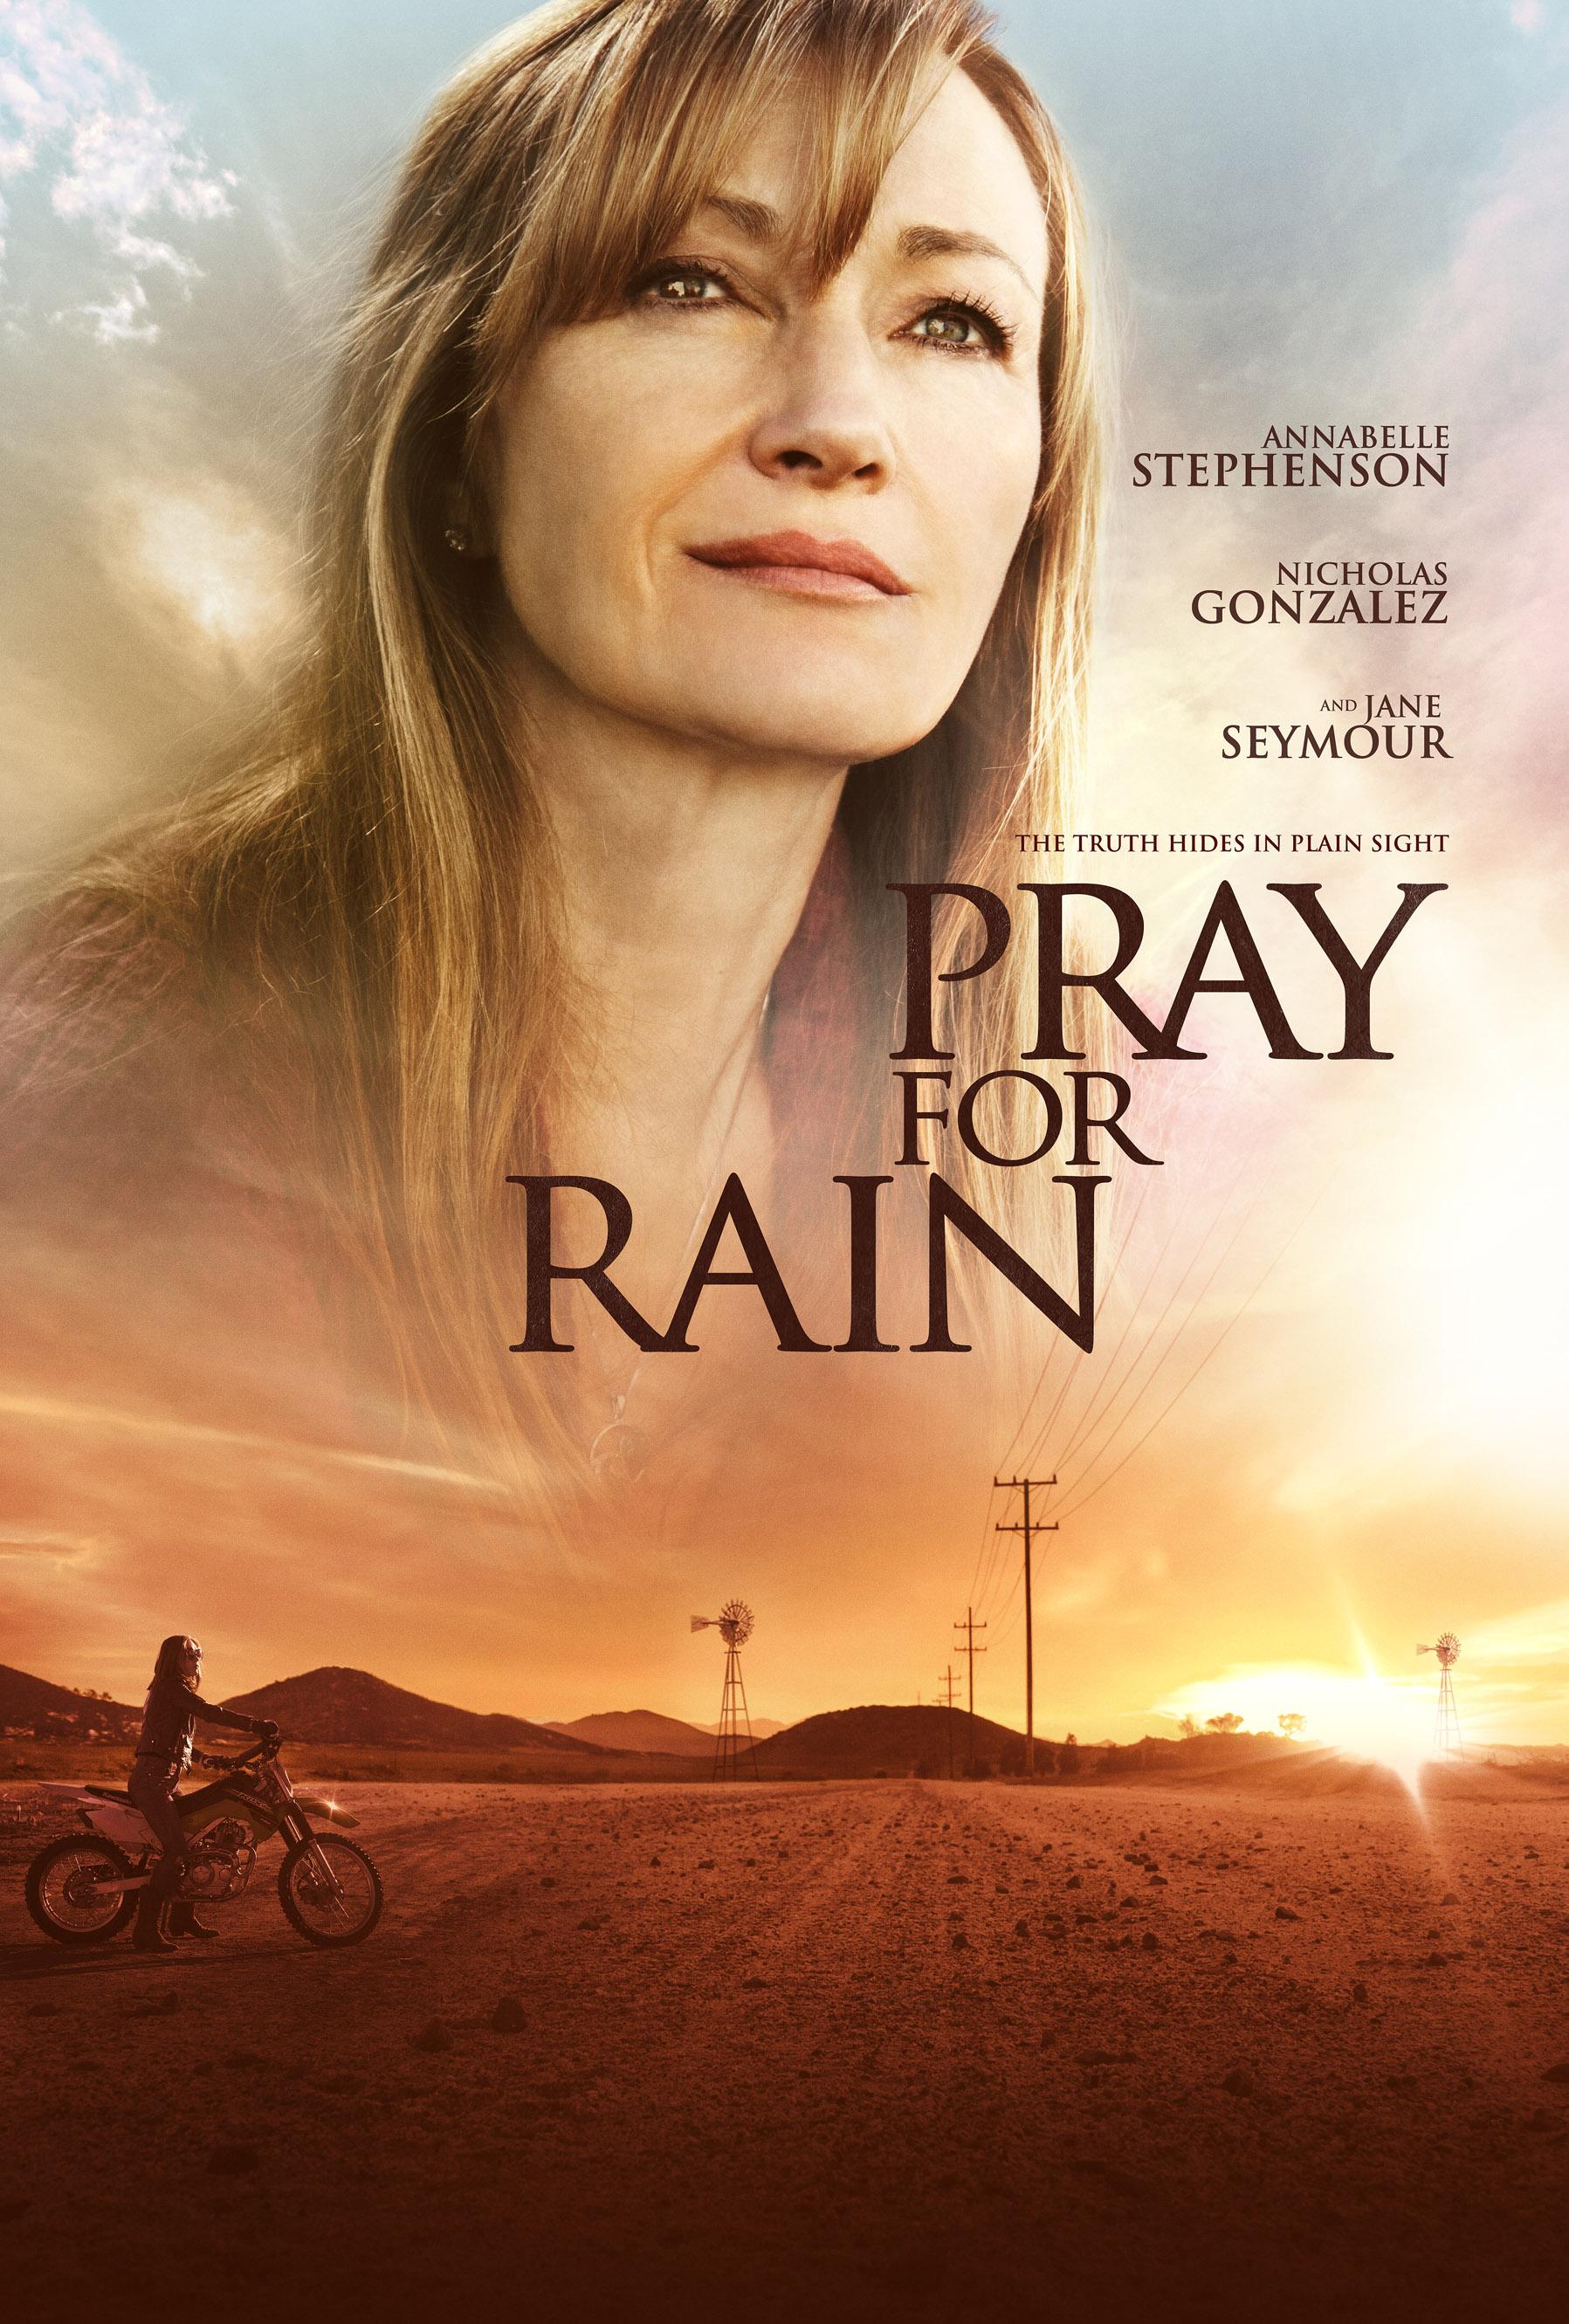 Pray for Rain full movie streaming